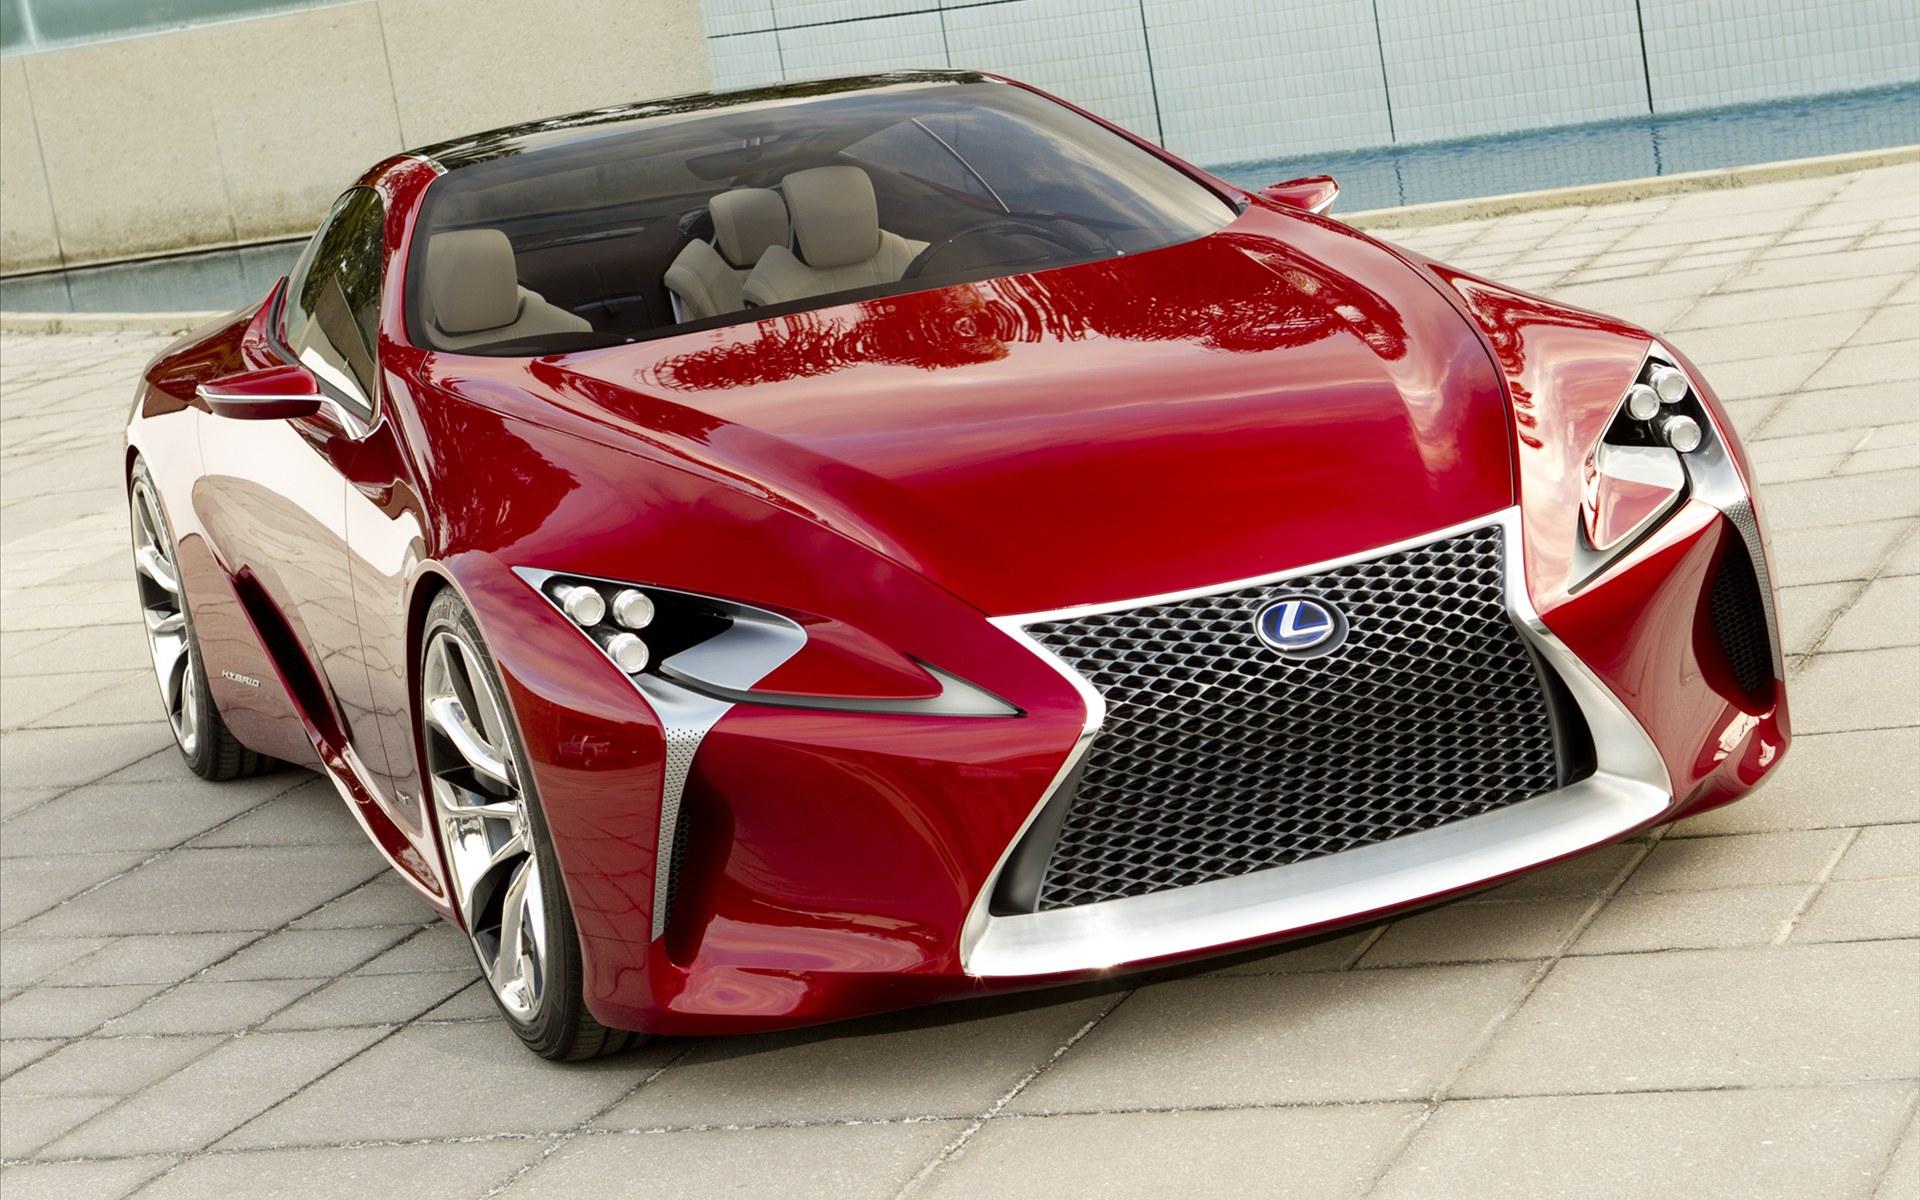 雷克萨斯lf lc sports coupe concept 2012款跑车壁纸